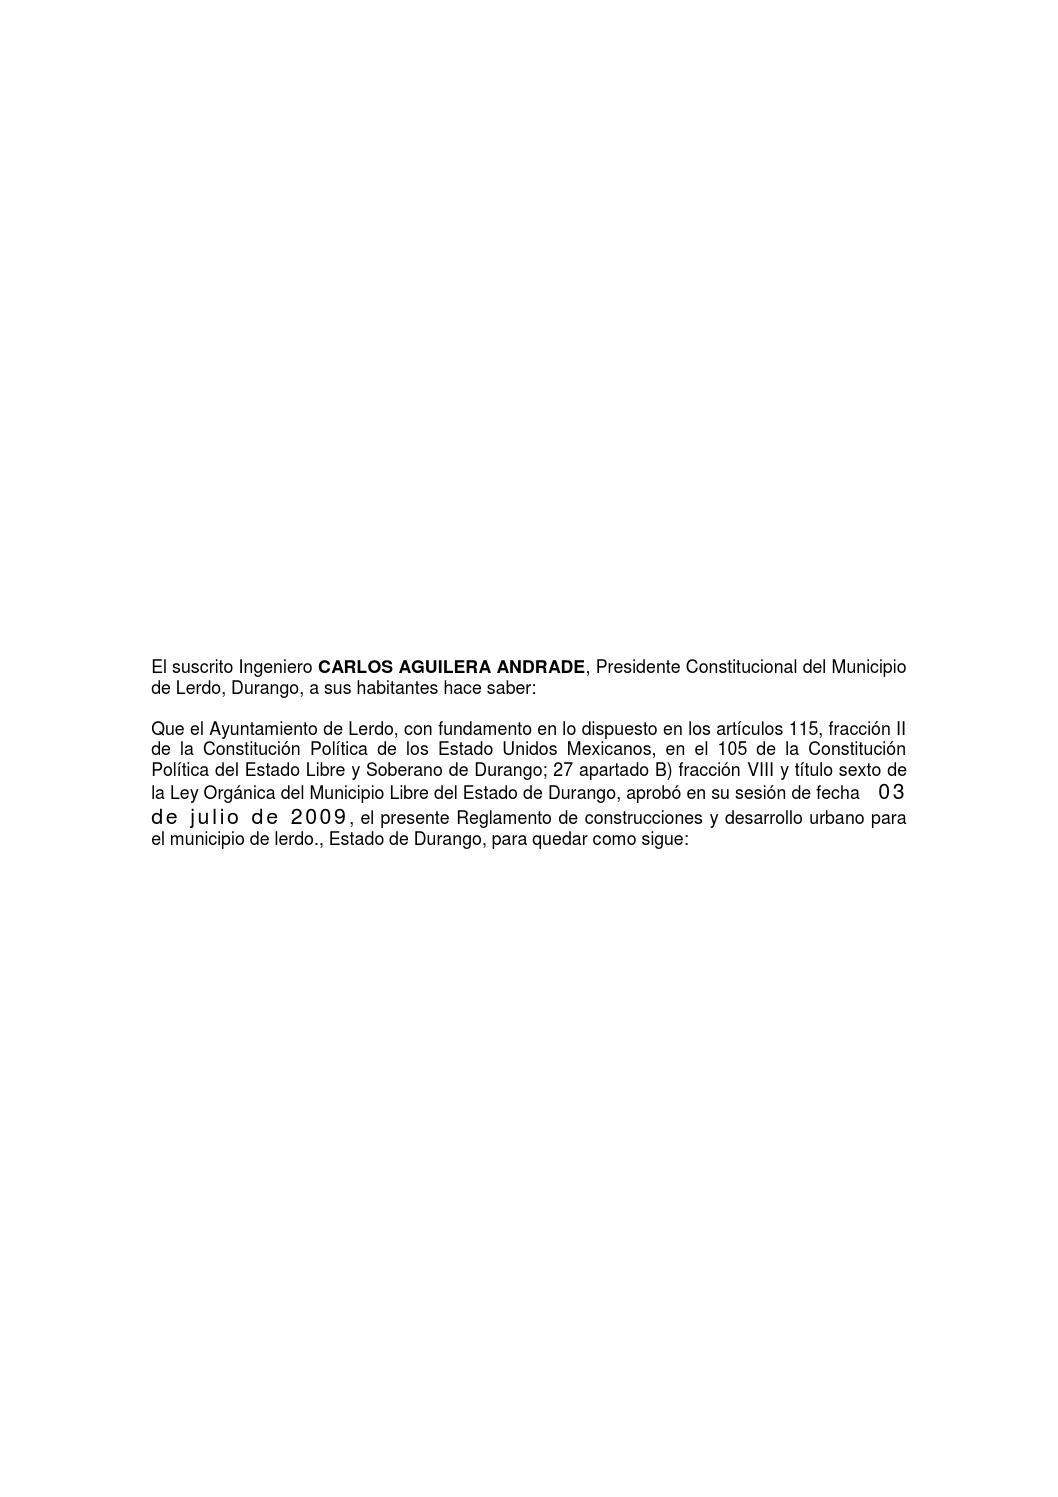 Reglamento de construcciones y desarrollo urbano by Fakto - issuu